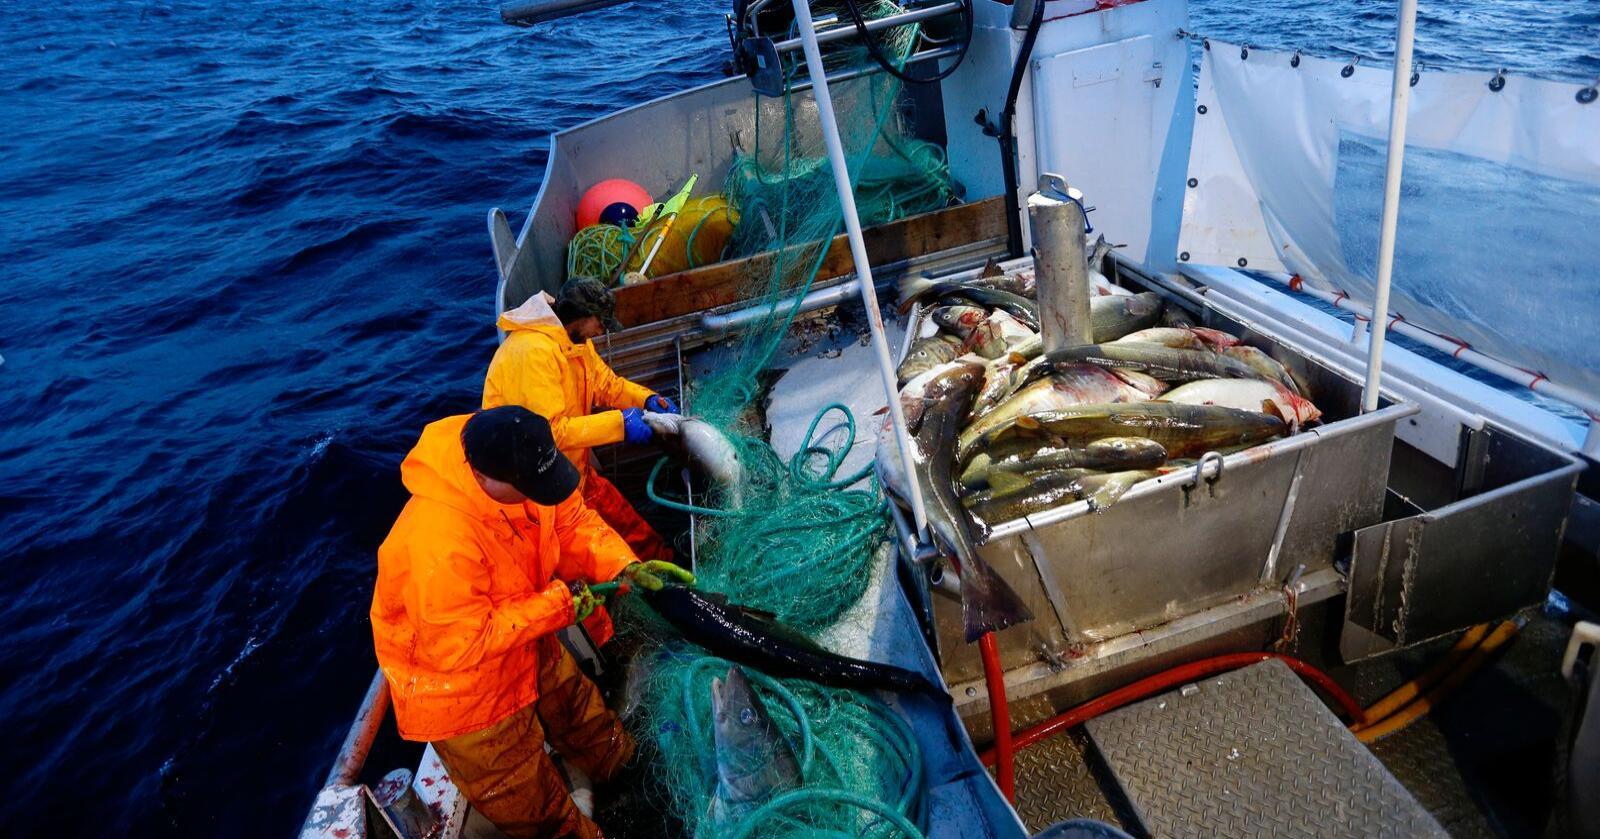 Delegater fra fiskarlagene Kystfiskere organisert i Troms og Finnmark valgte fredag å forlate Norges Fiskarlag.Foto: Cornelius Poppe / NTB scanpix